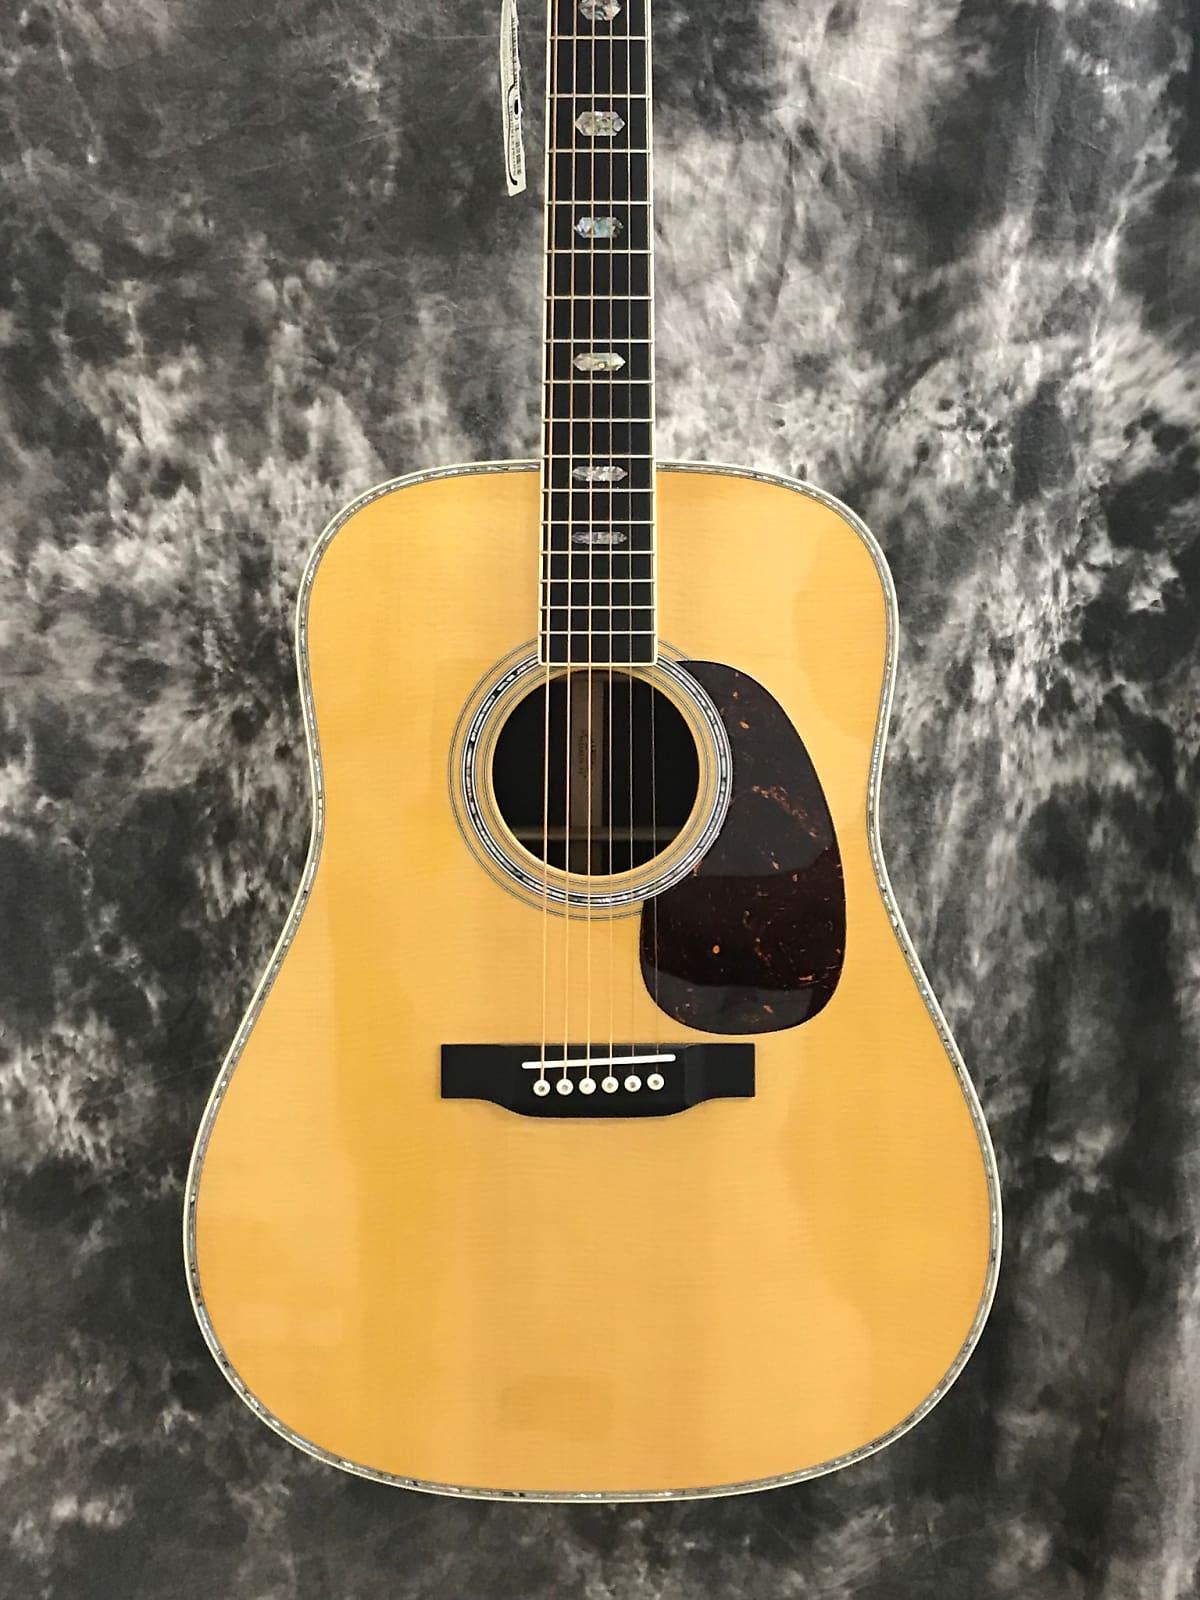 Best Acoustic Guitar Cases 2018 : martin d 41 acoustic guitar hardshell case 2018 ~ Vivirlamusica.com Haus und Dekorationen